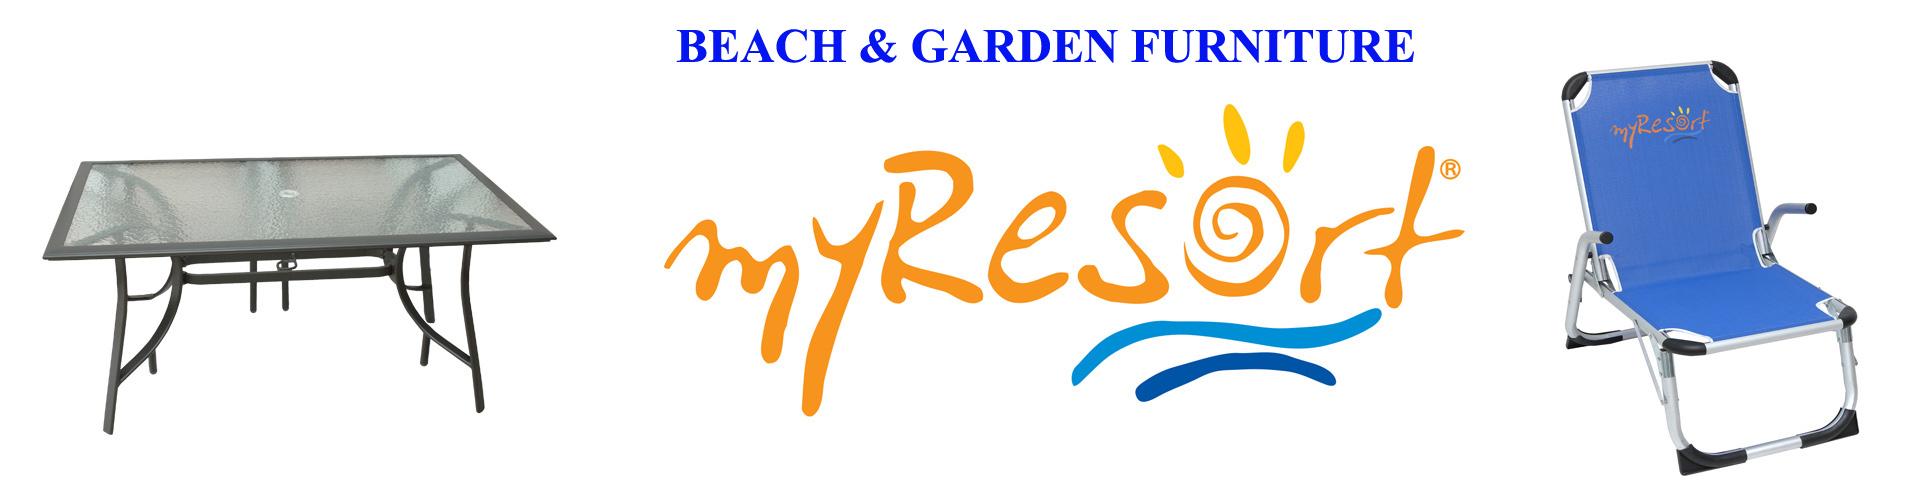 BEACH & GARDEN FURNITURE